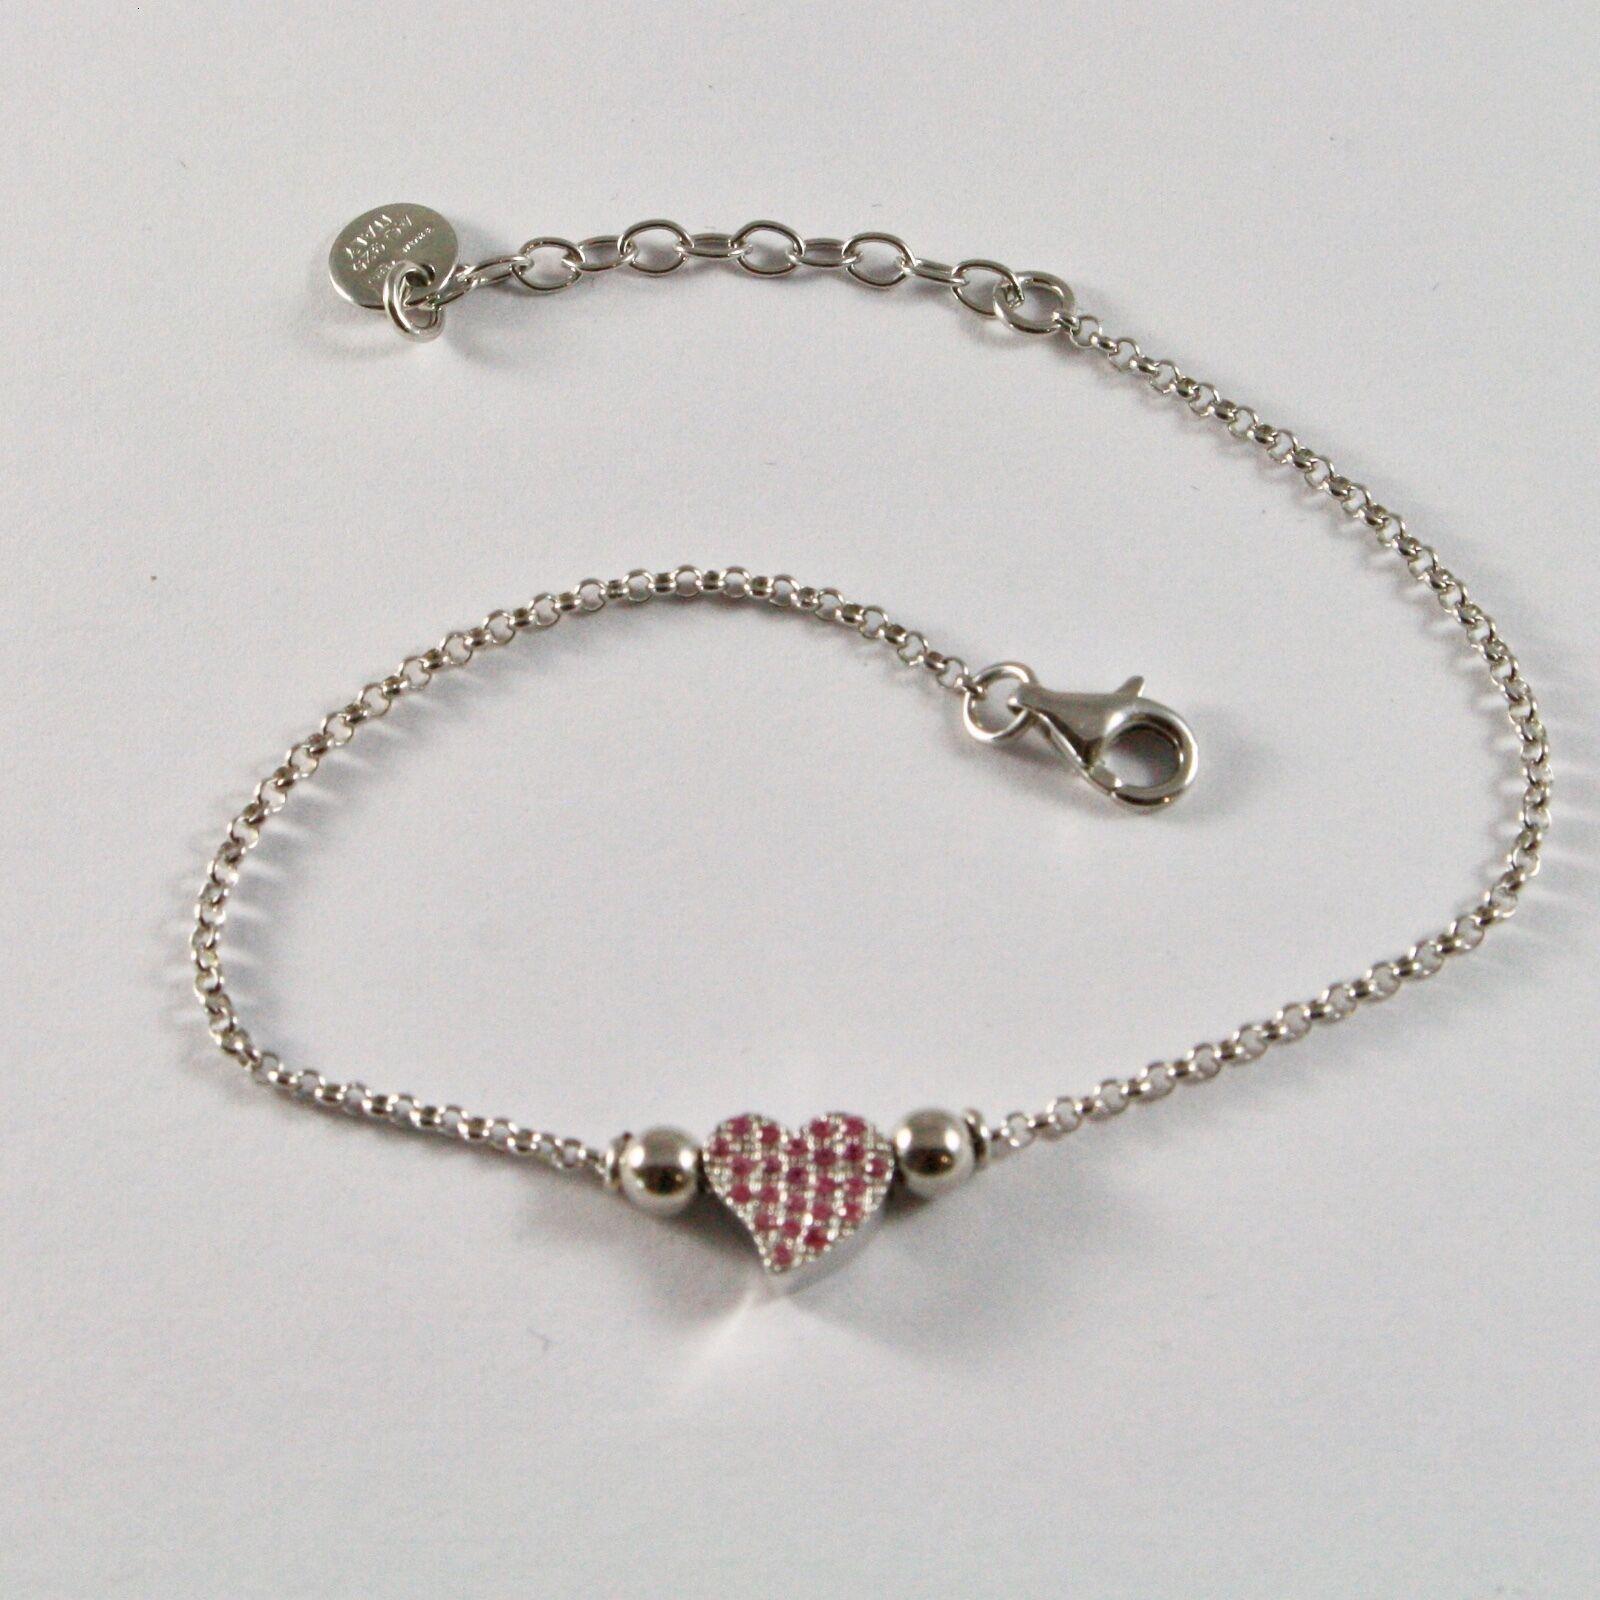 Silver Bracelet 925 Jack&co with Heart Stylized and Zircon Cubic JCB0858